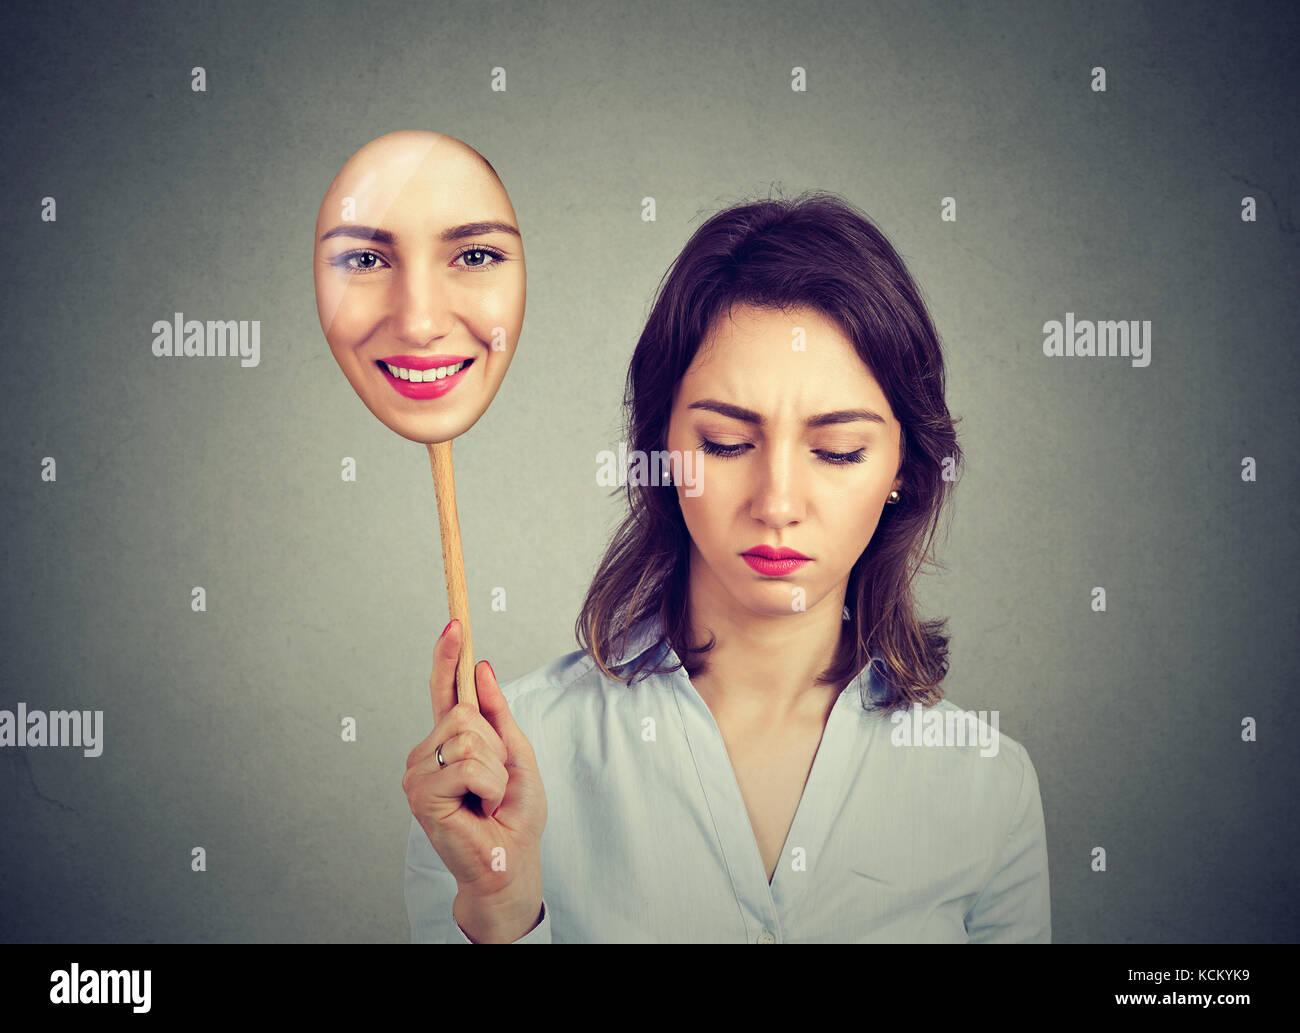 Traurige Frau schaut Sie glücklich Maske von sich selbst Stockbild